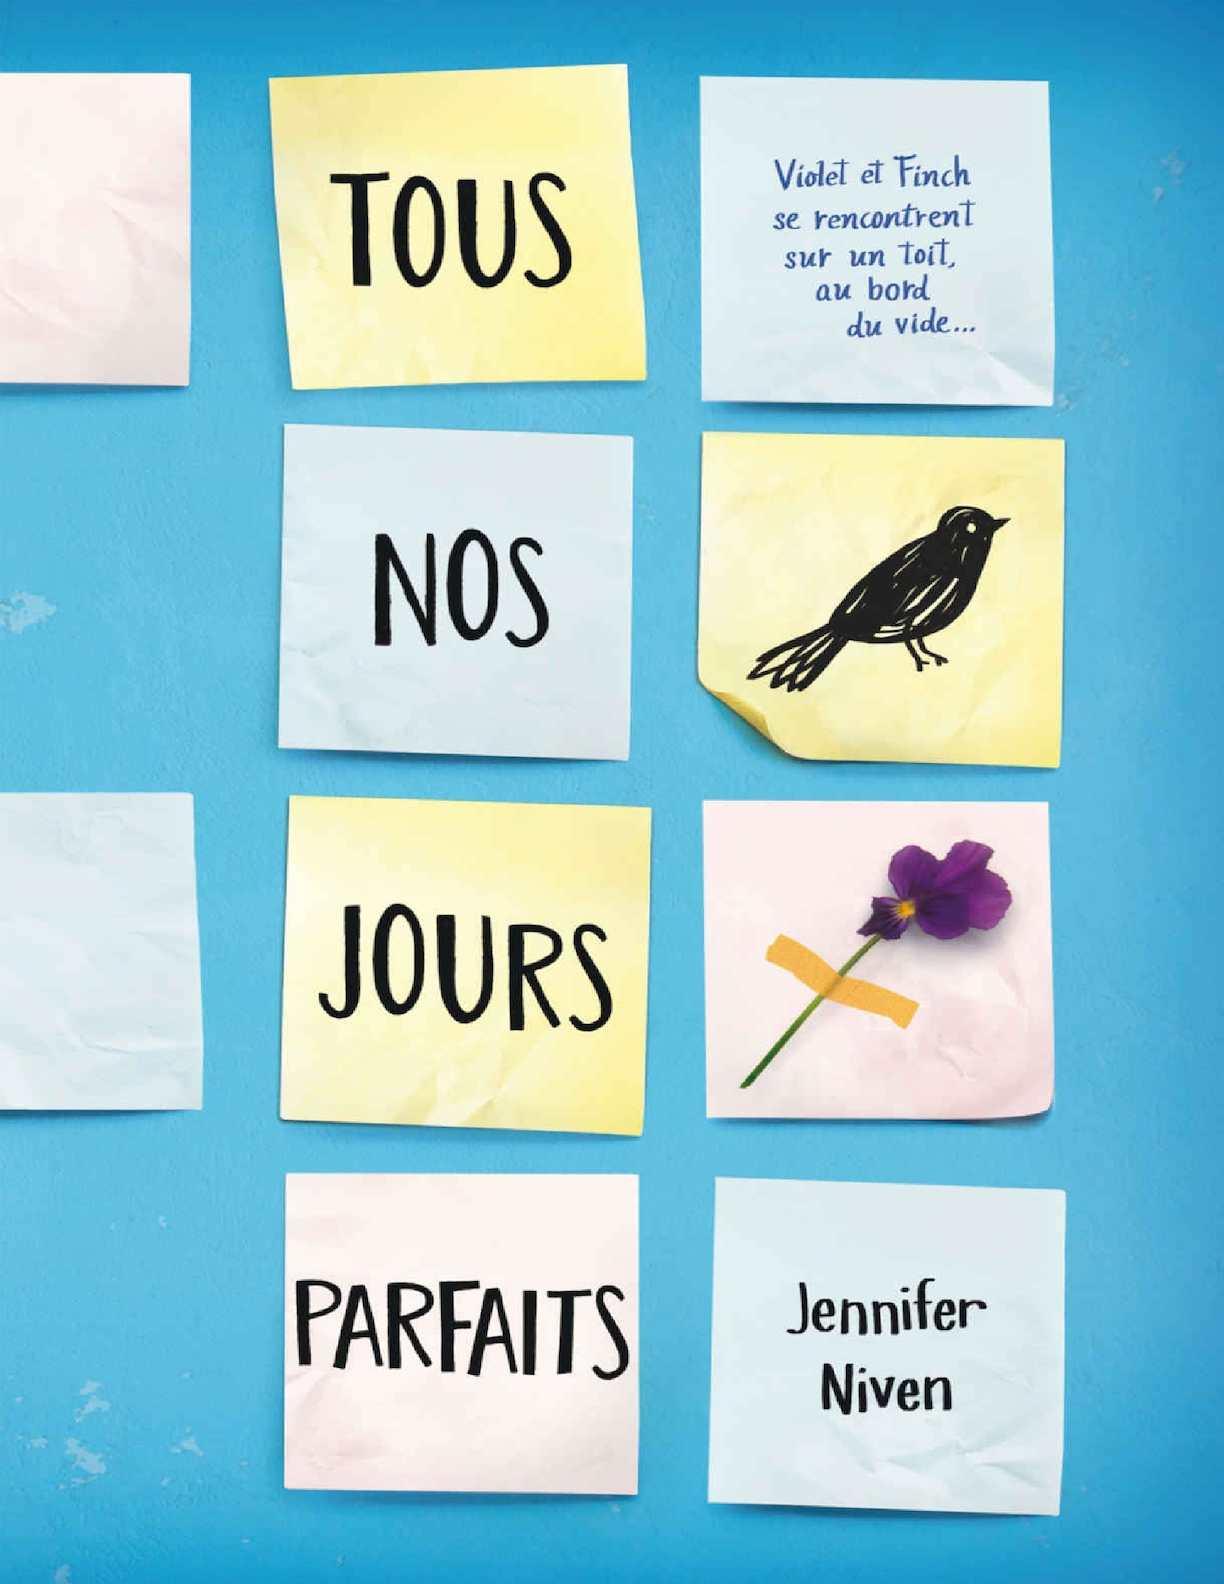 Tous Nos Jours Parfaits - Jennifer Niven